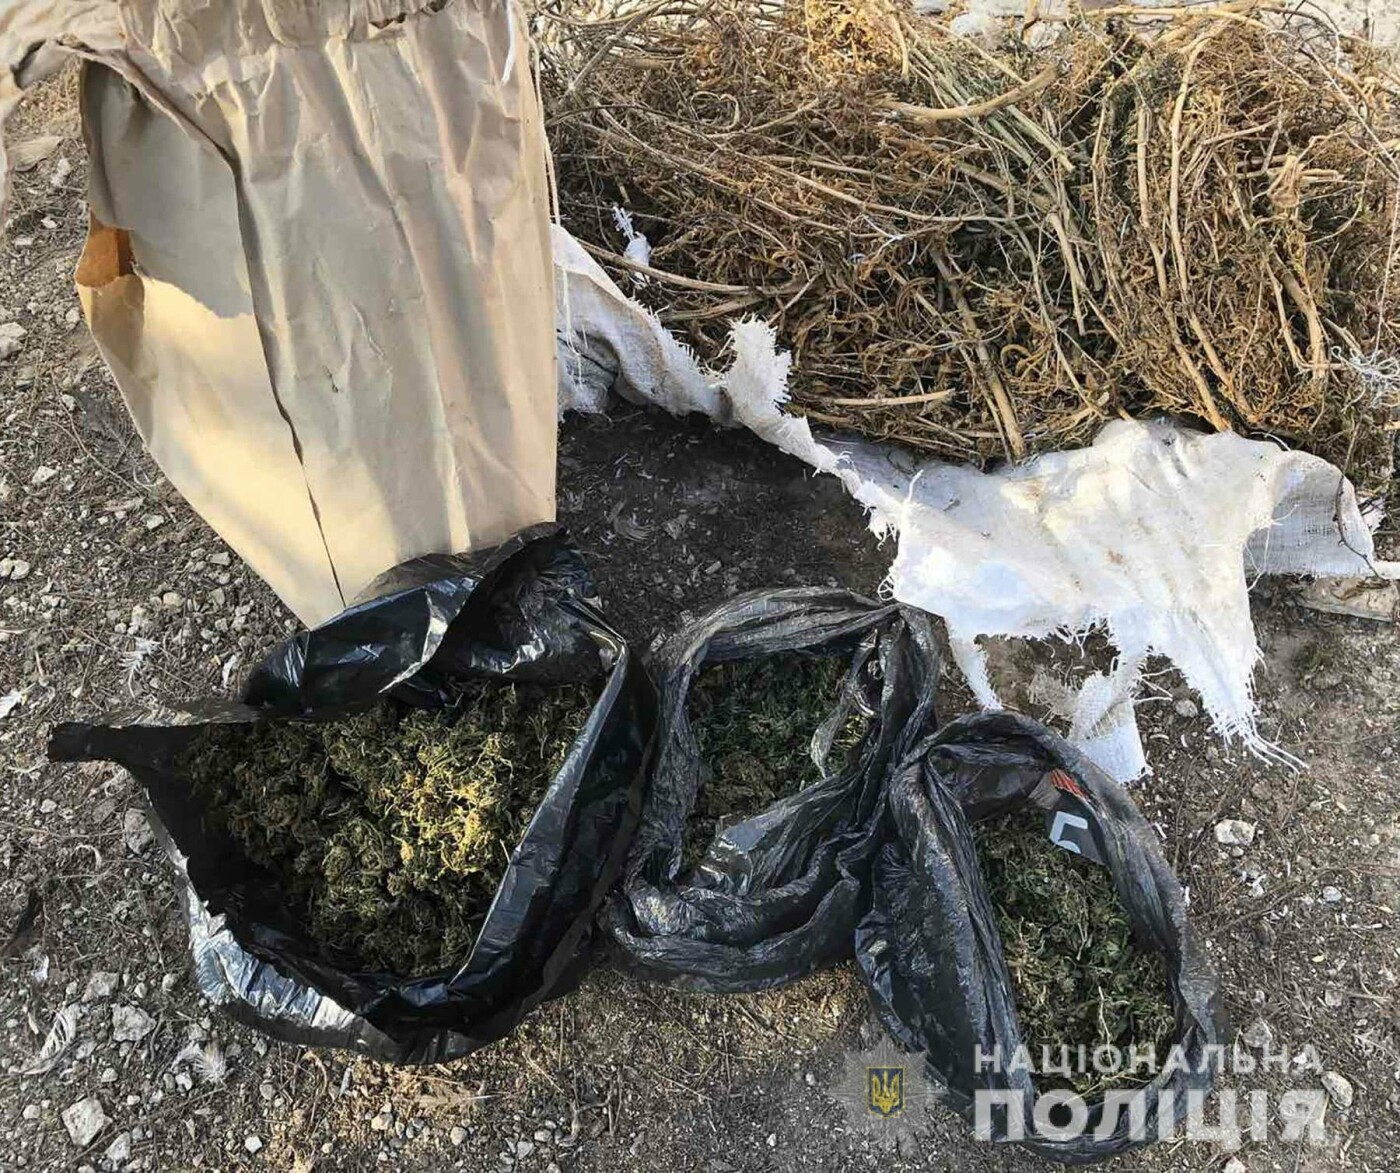 Житель Акимовского района хранил у себя дома 2 килограмма наркотиков, - ФОТО , фото-1